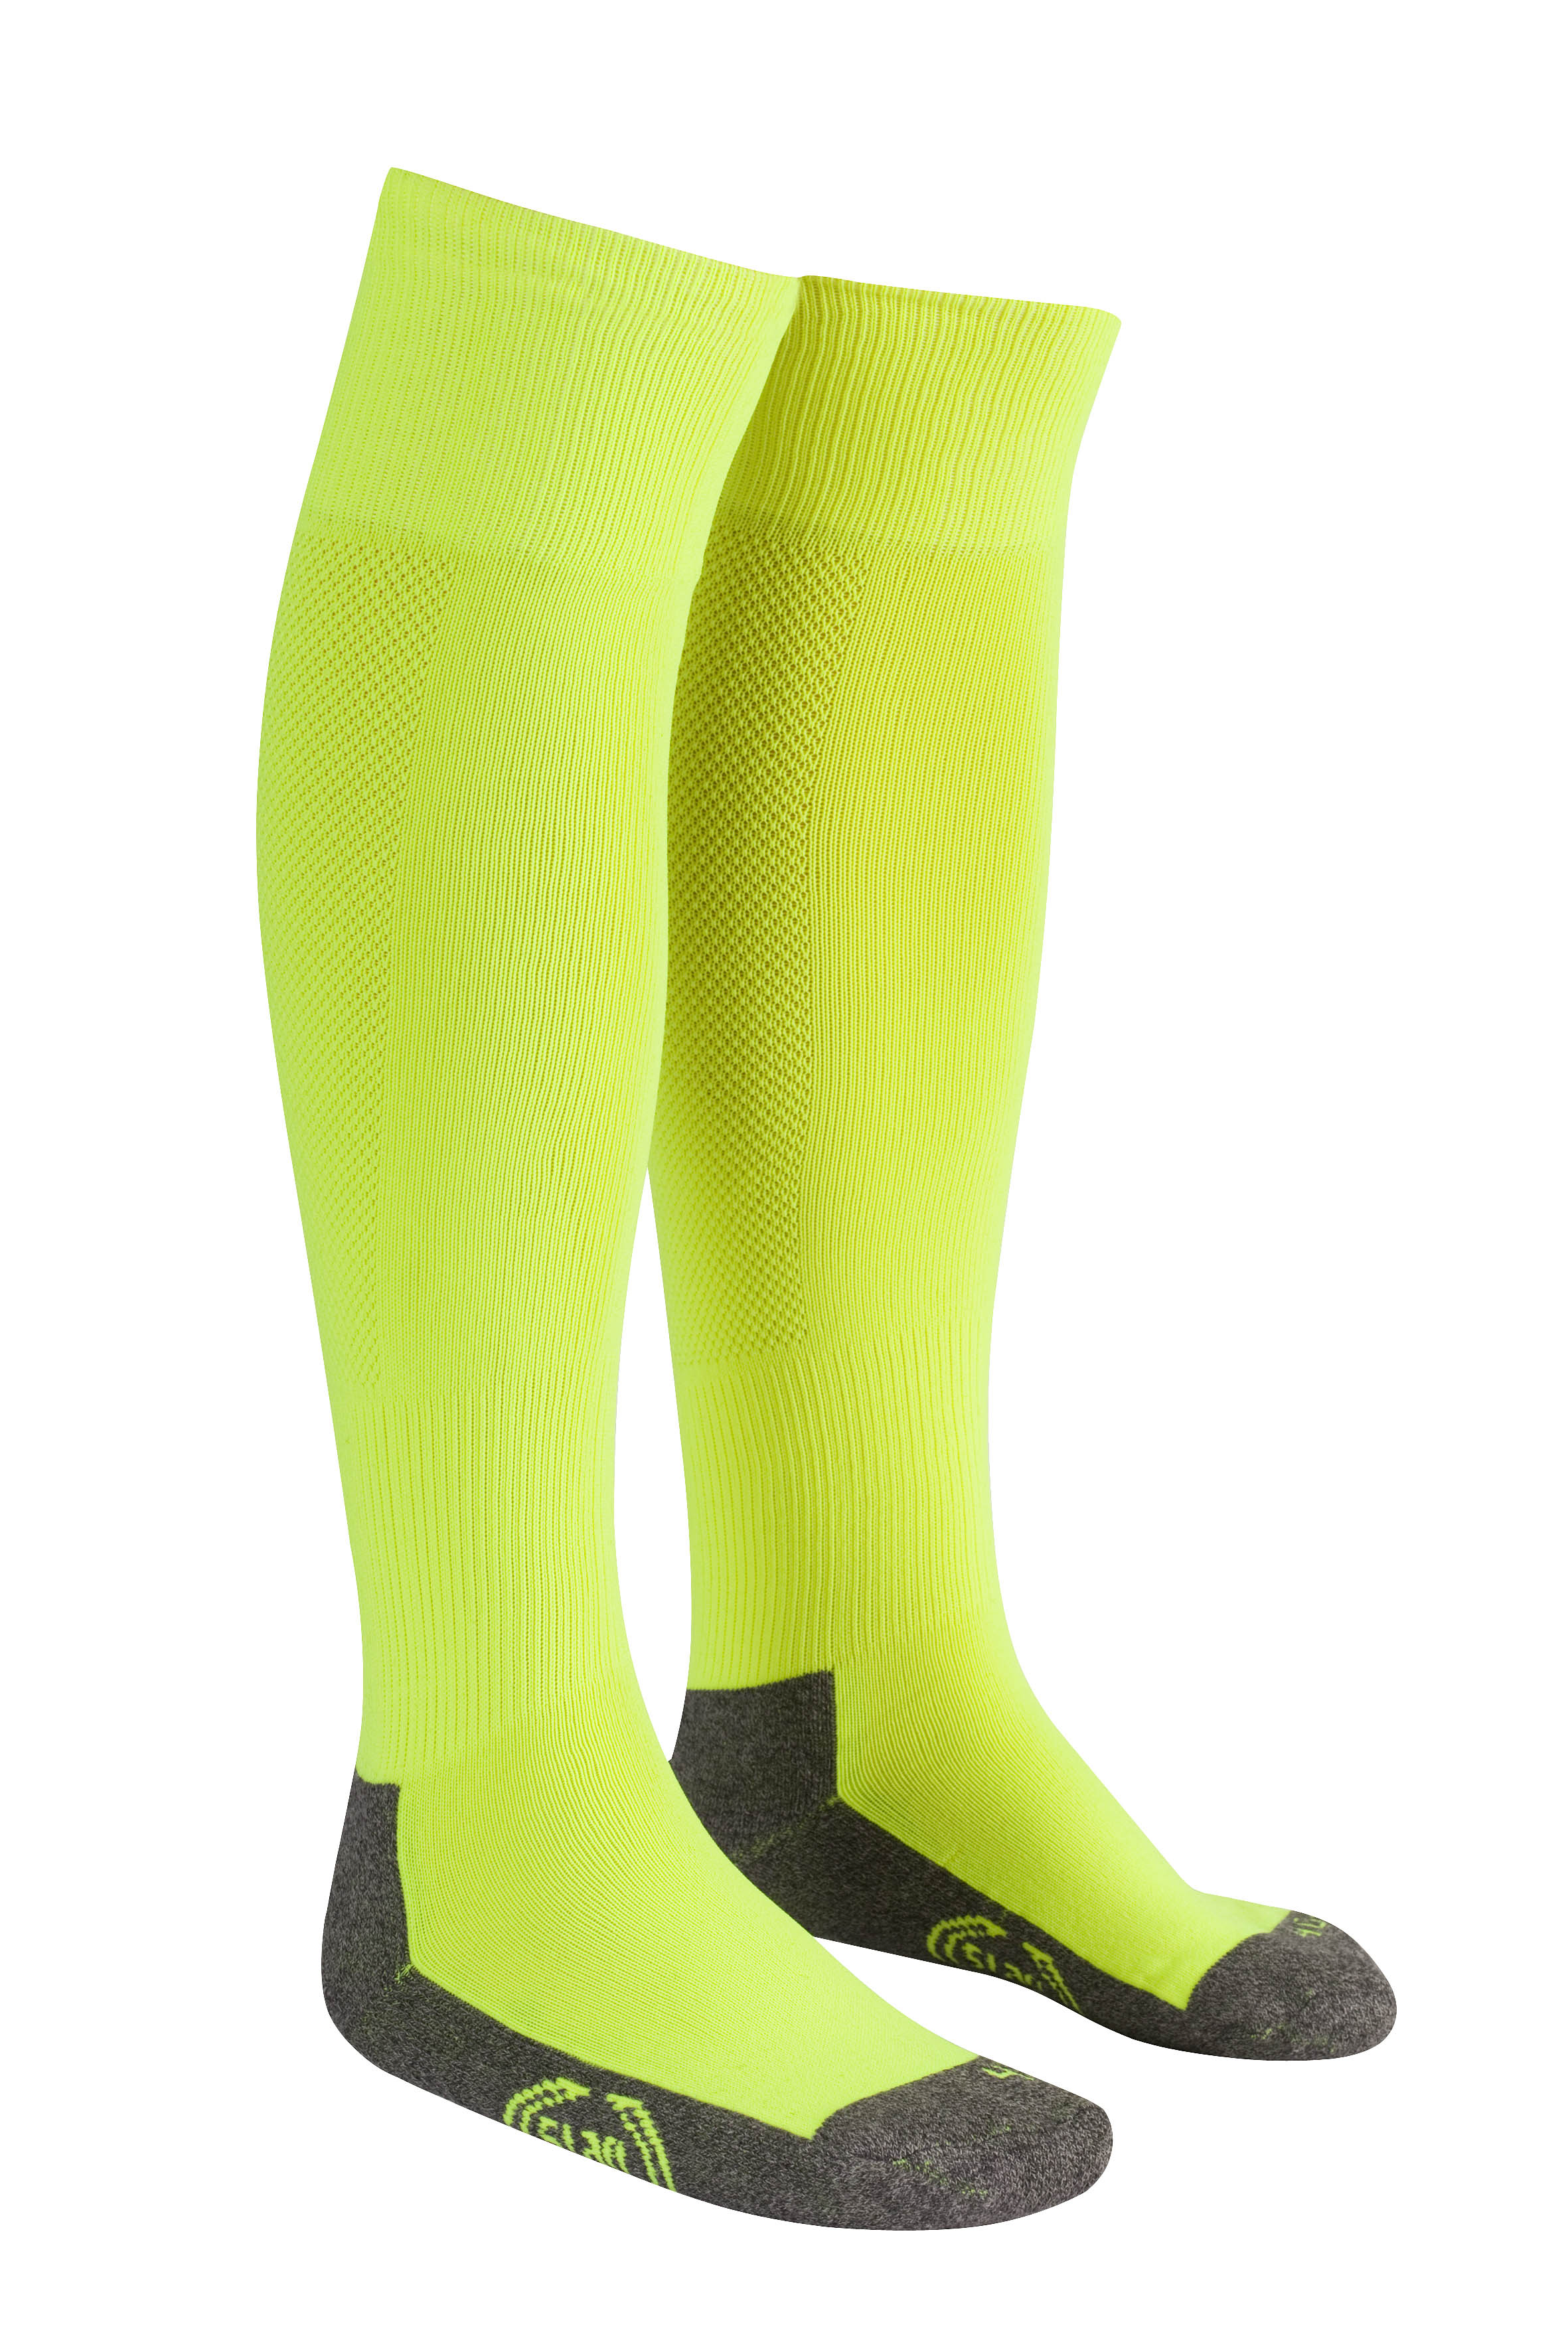 Image of   Adidas Adiclub Jammer Swim Shorts Mænd - Sort / EQT Blå - 5